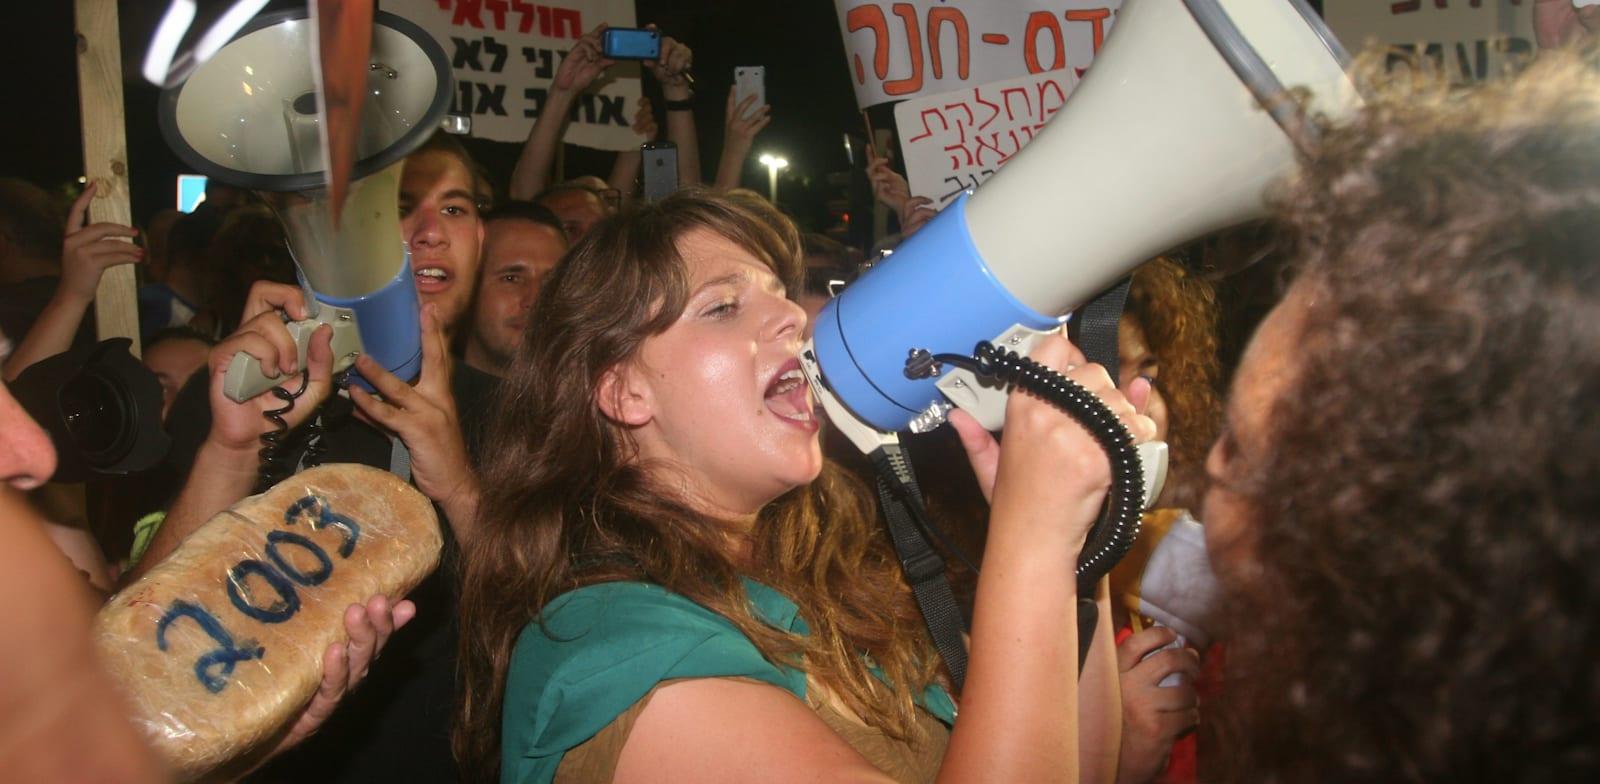 דפני ליף בהפגנה בתל אביב למען צדק חברתי / צילום: רוני שיצר